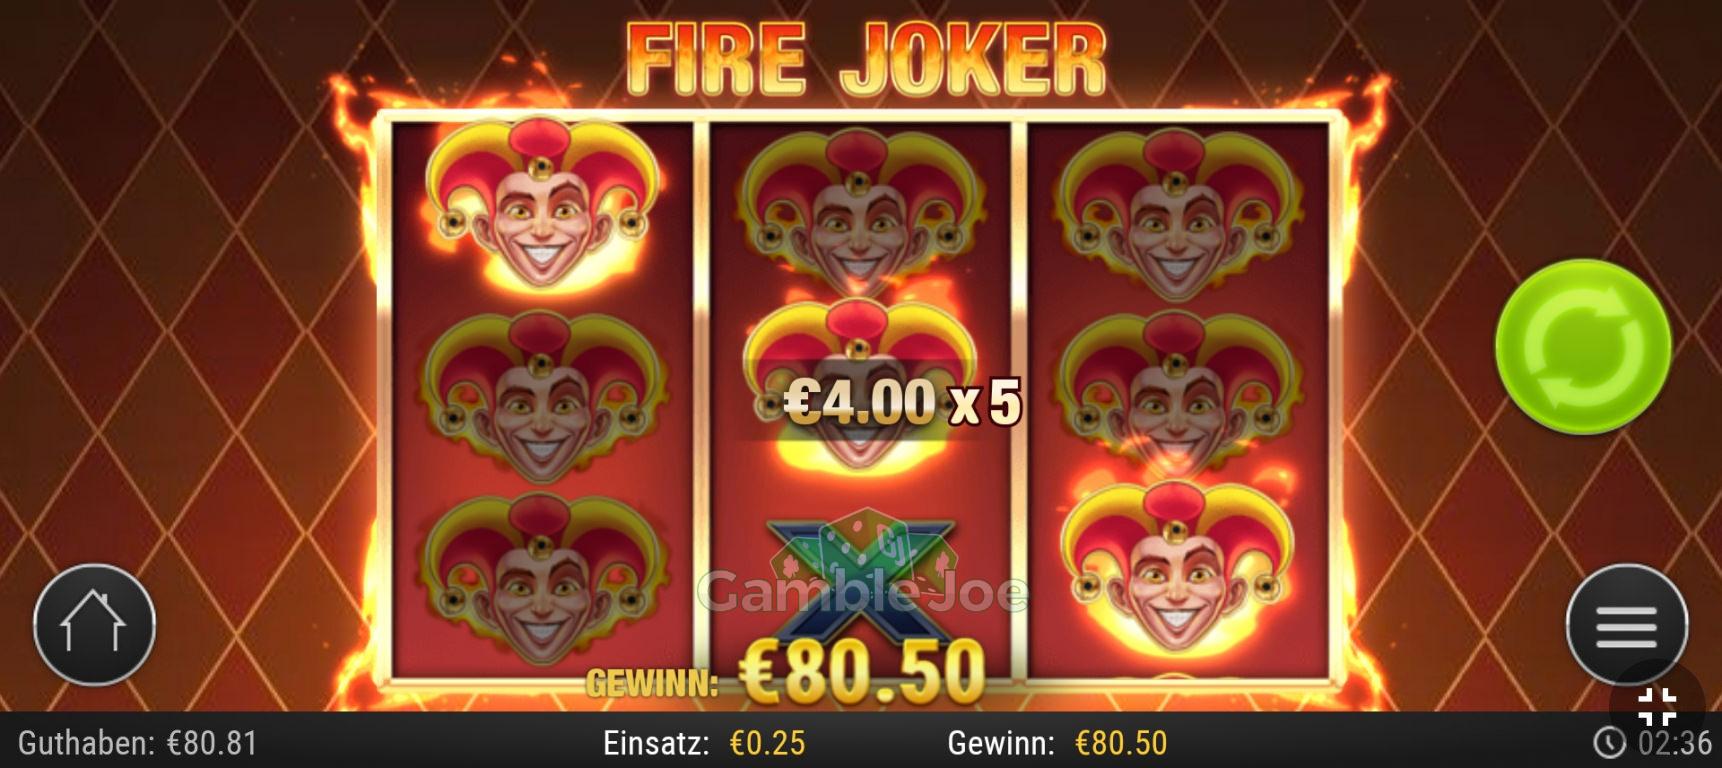 Fire Joker Gewinnbild von Muddi70